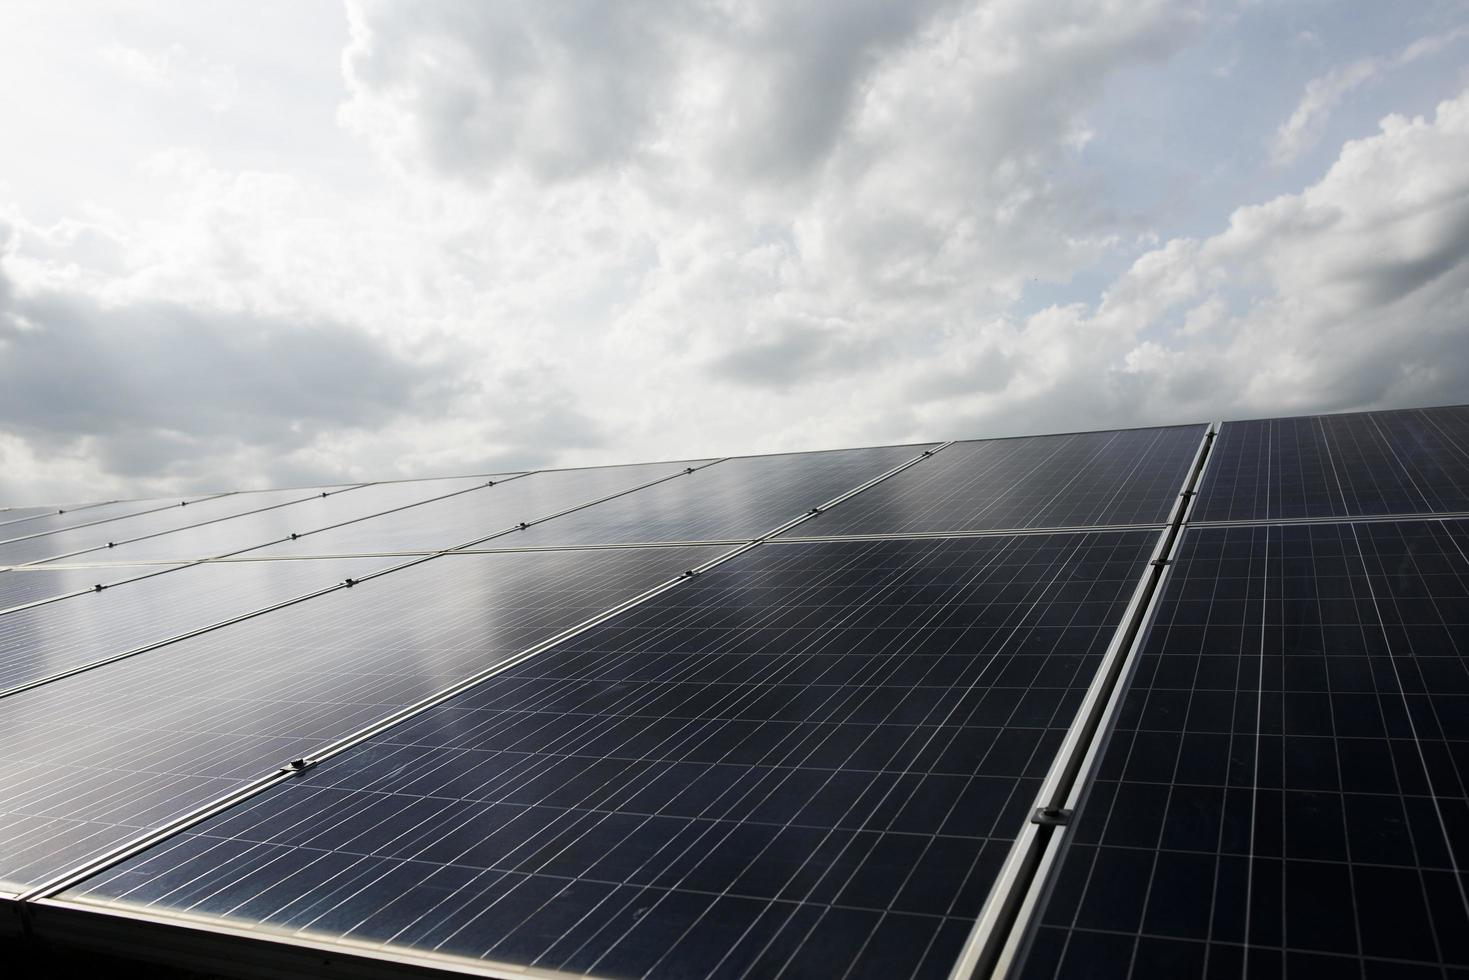 centrale elettrica della fattoria delle celle solari foto